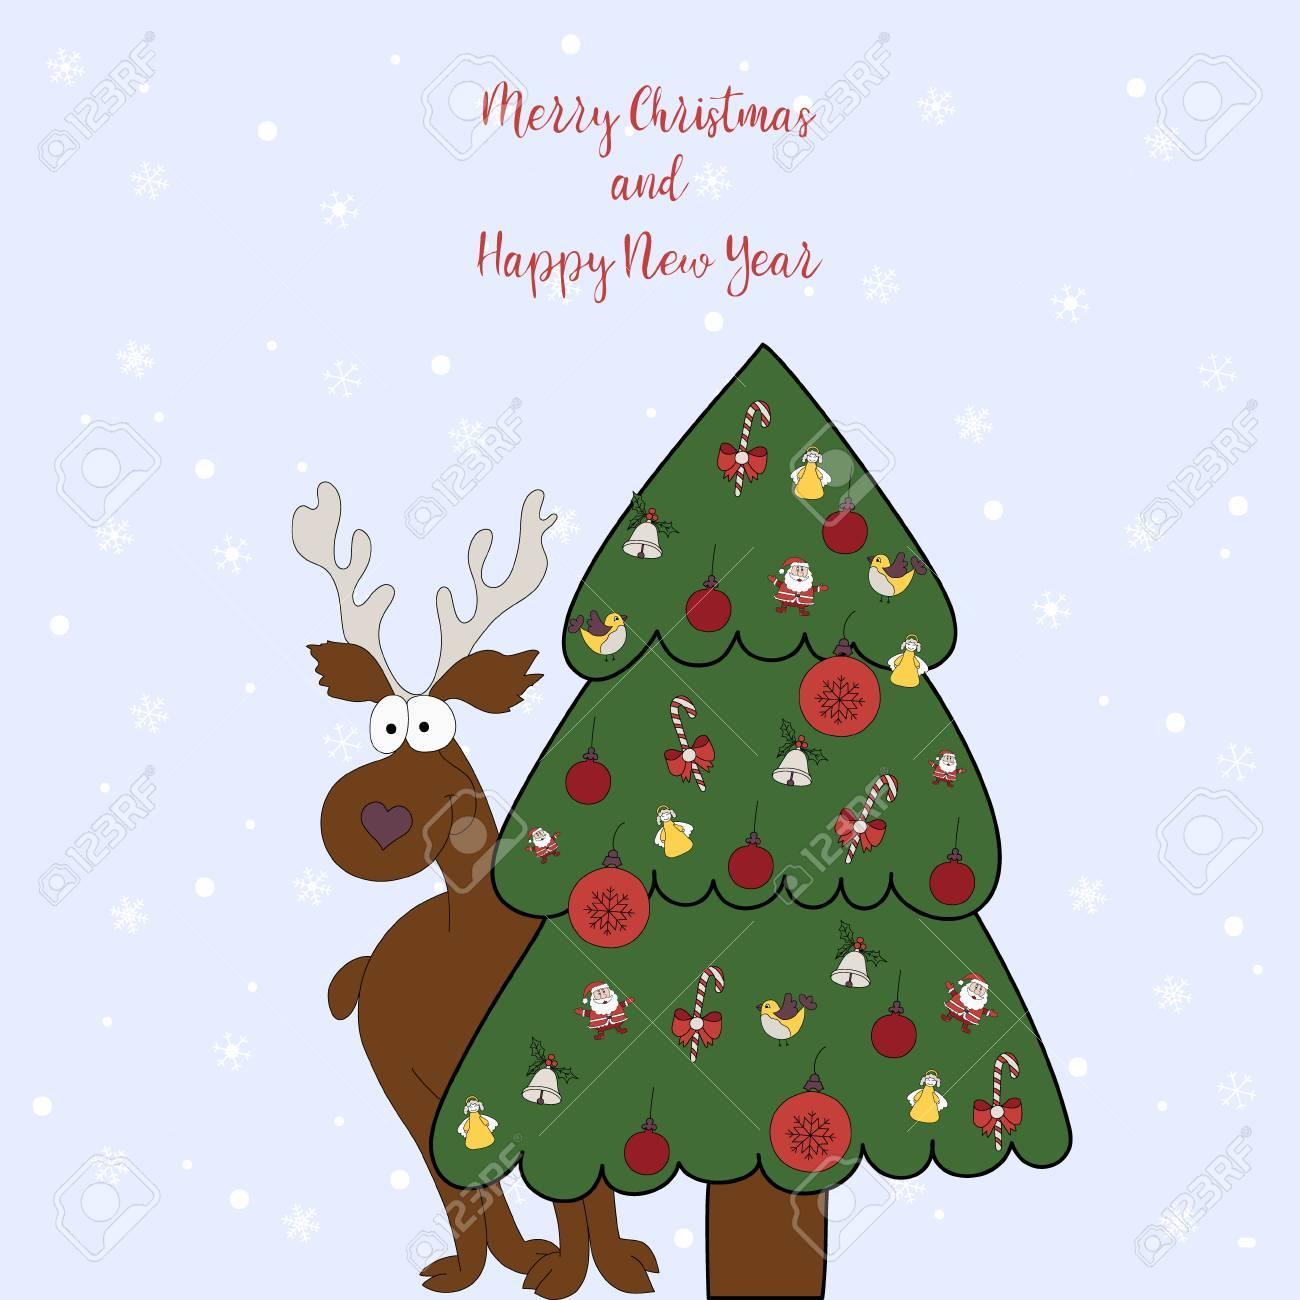 Feliz Natal E Feliz Ano Novo Cartao De Desenho Animado Com Um